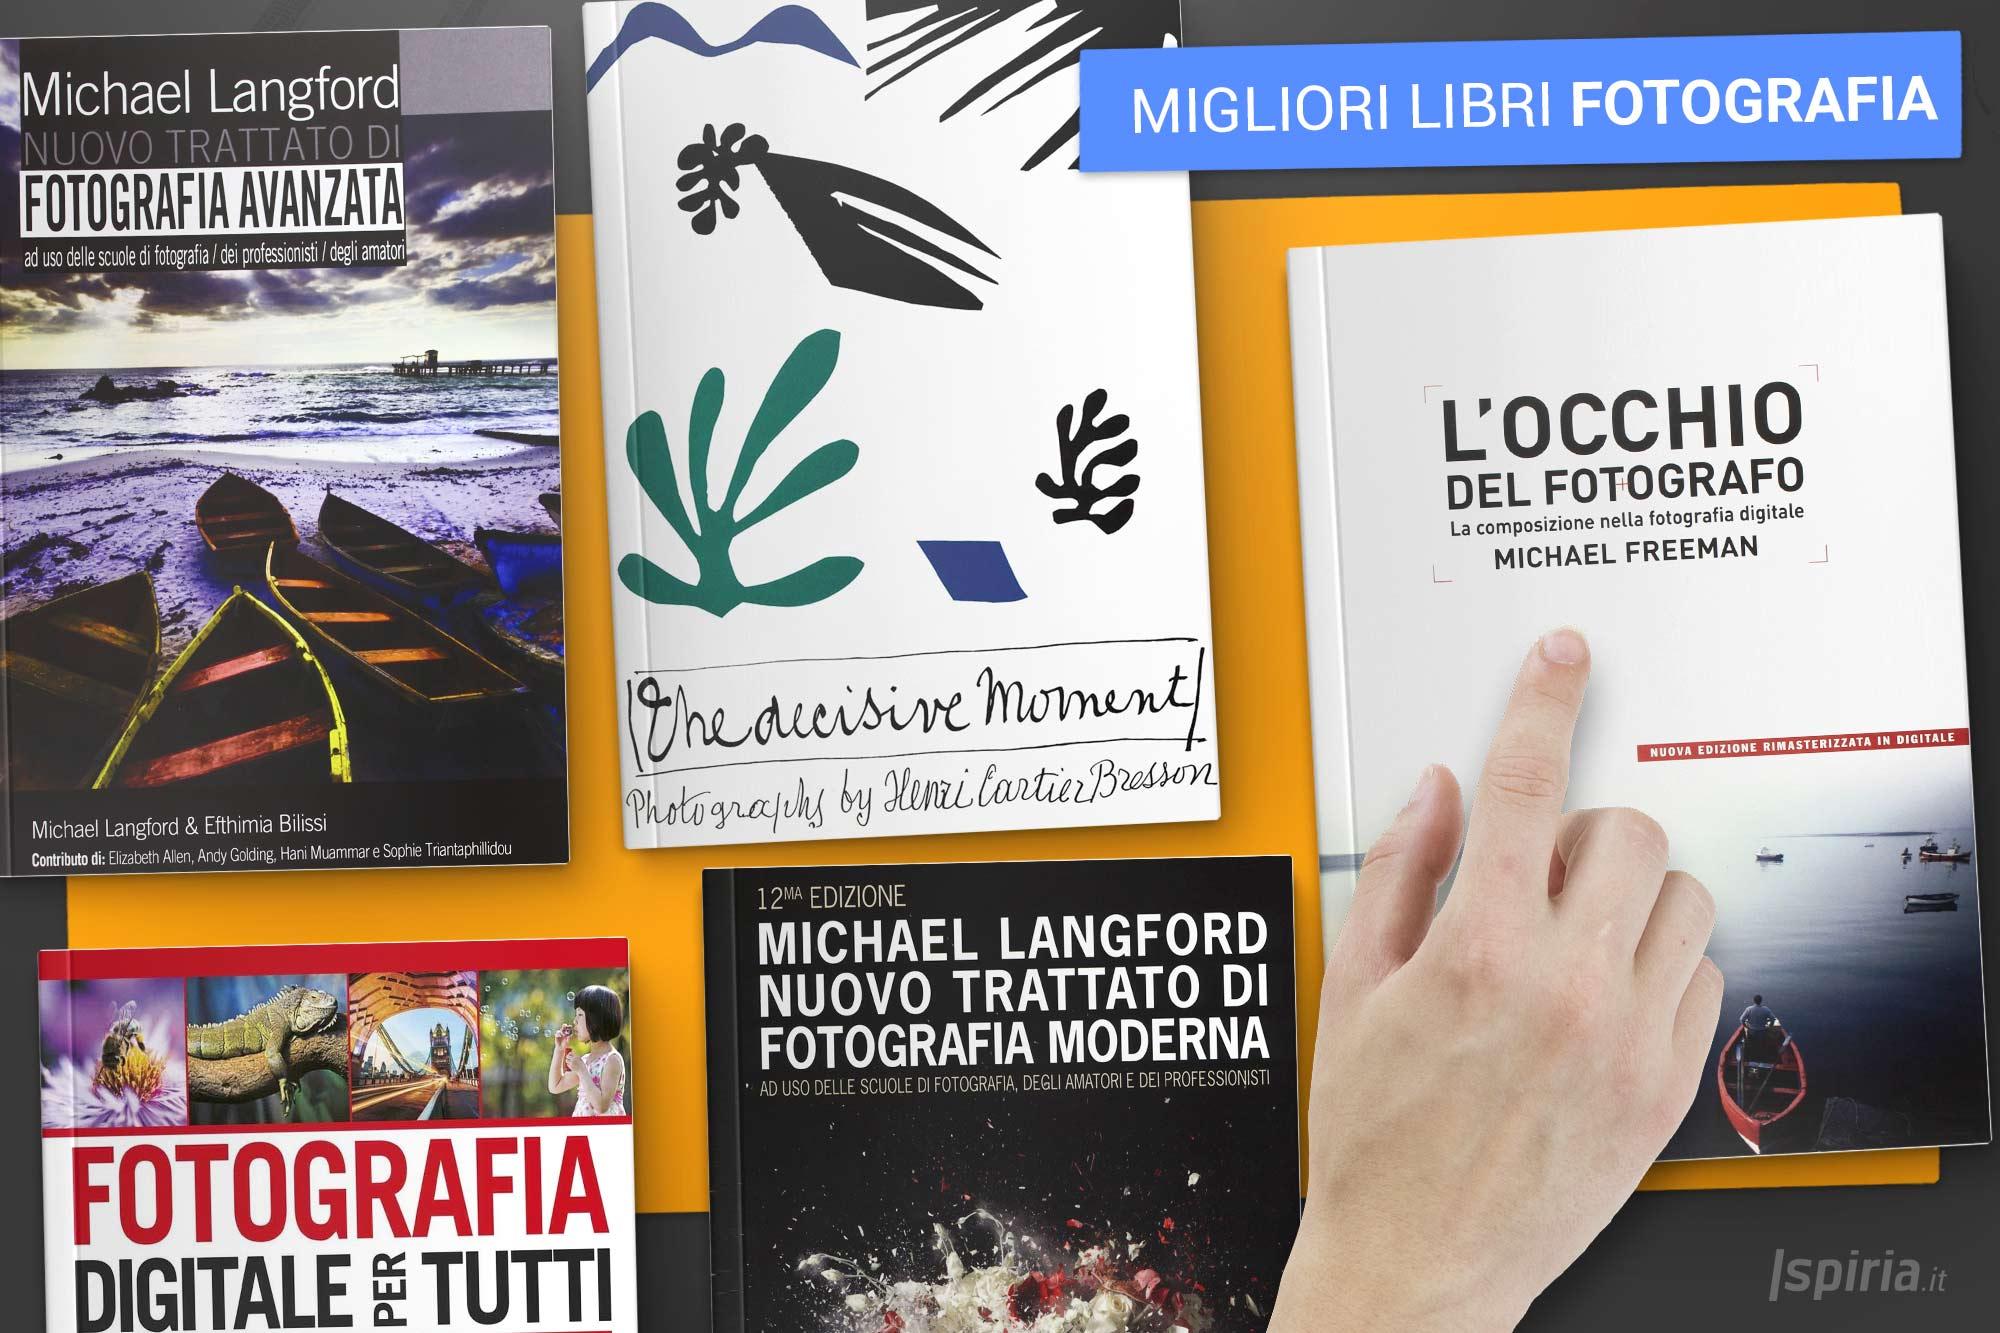 Libri Di Fotografia | Migliori Libri Sulla Fotografia Per Diventare Fotografi